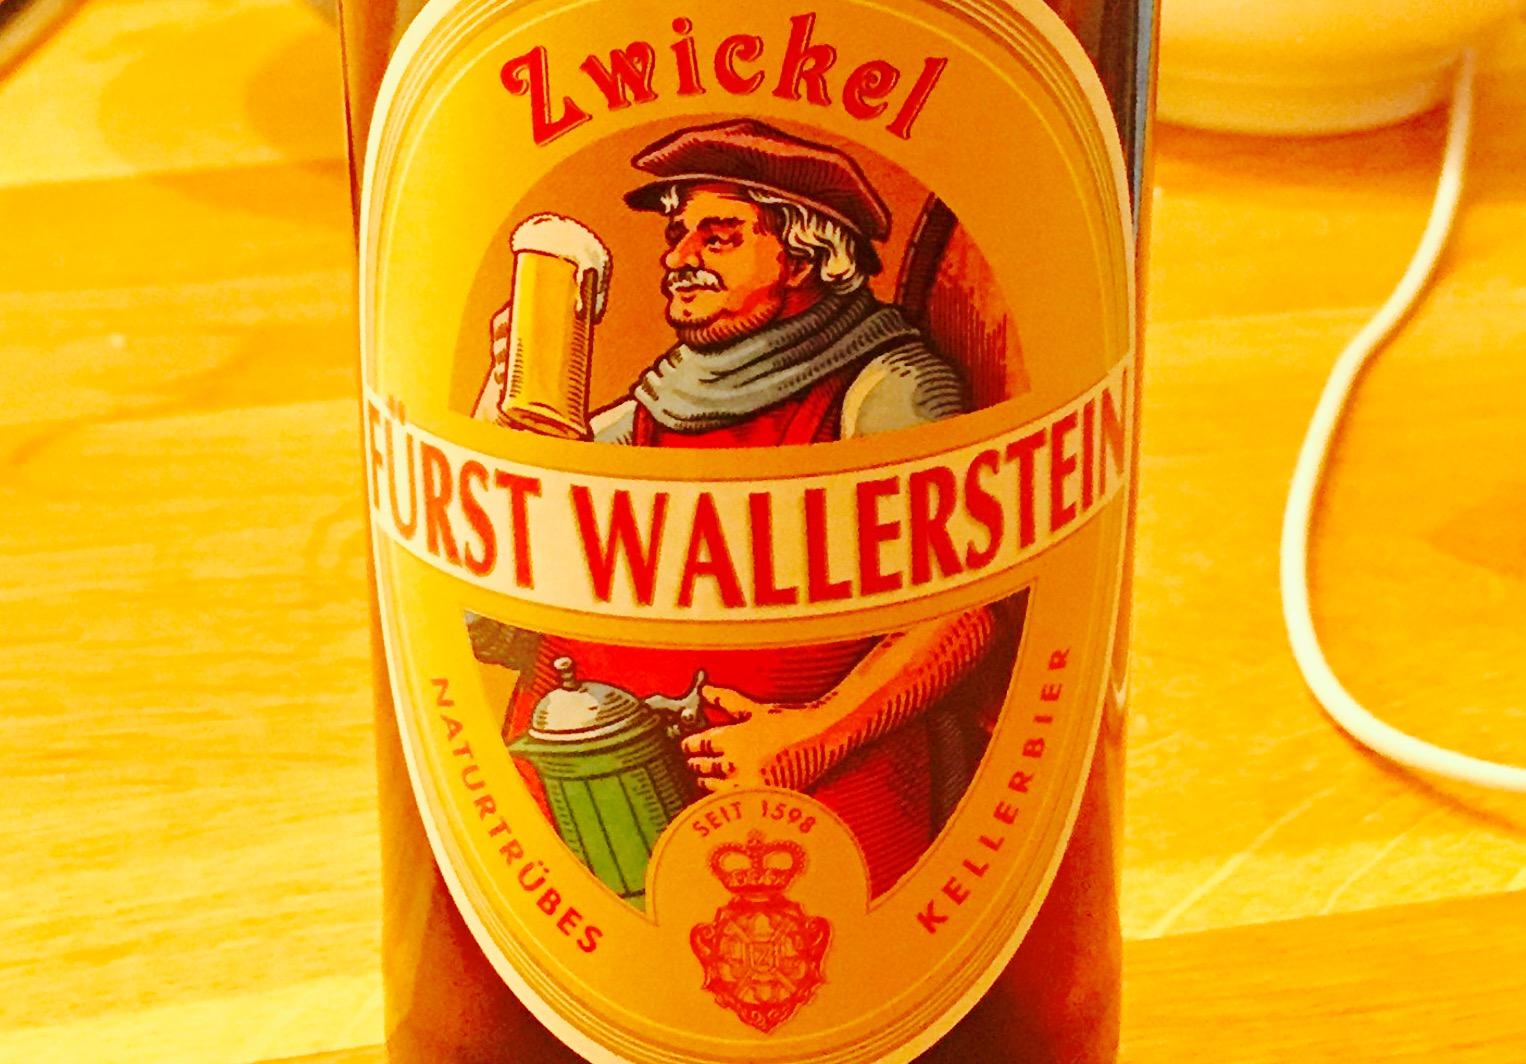 Zwickel Fürst Wallenstein